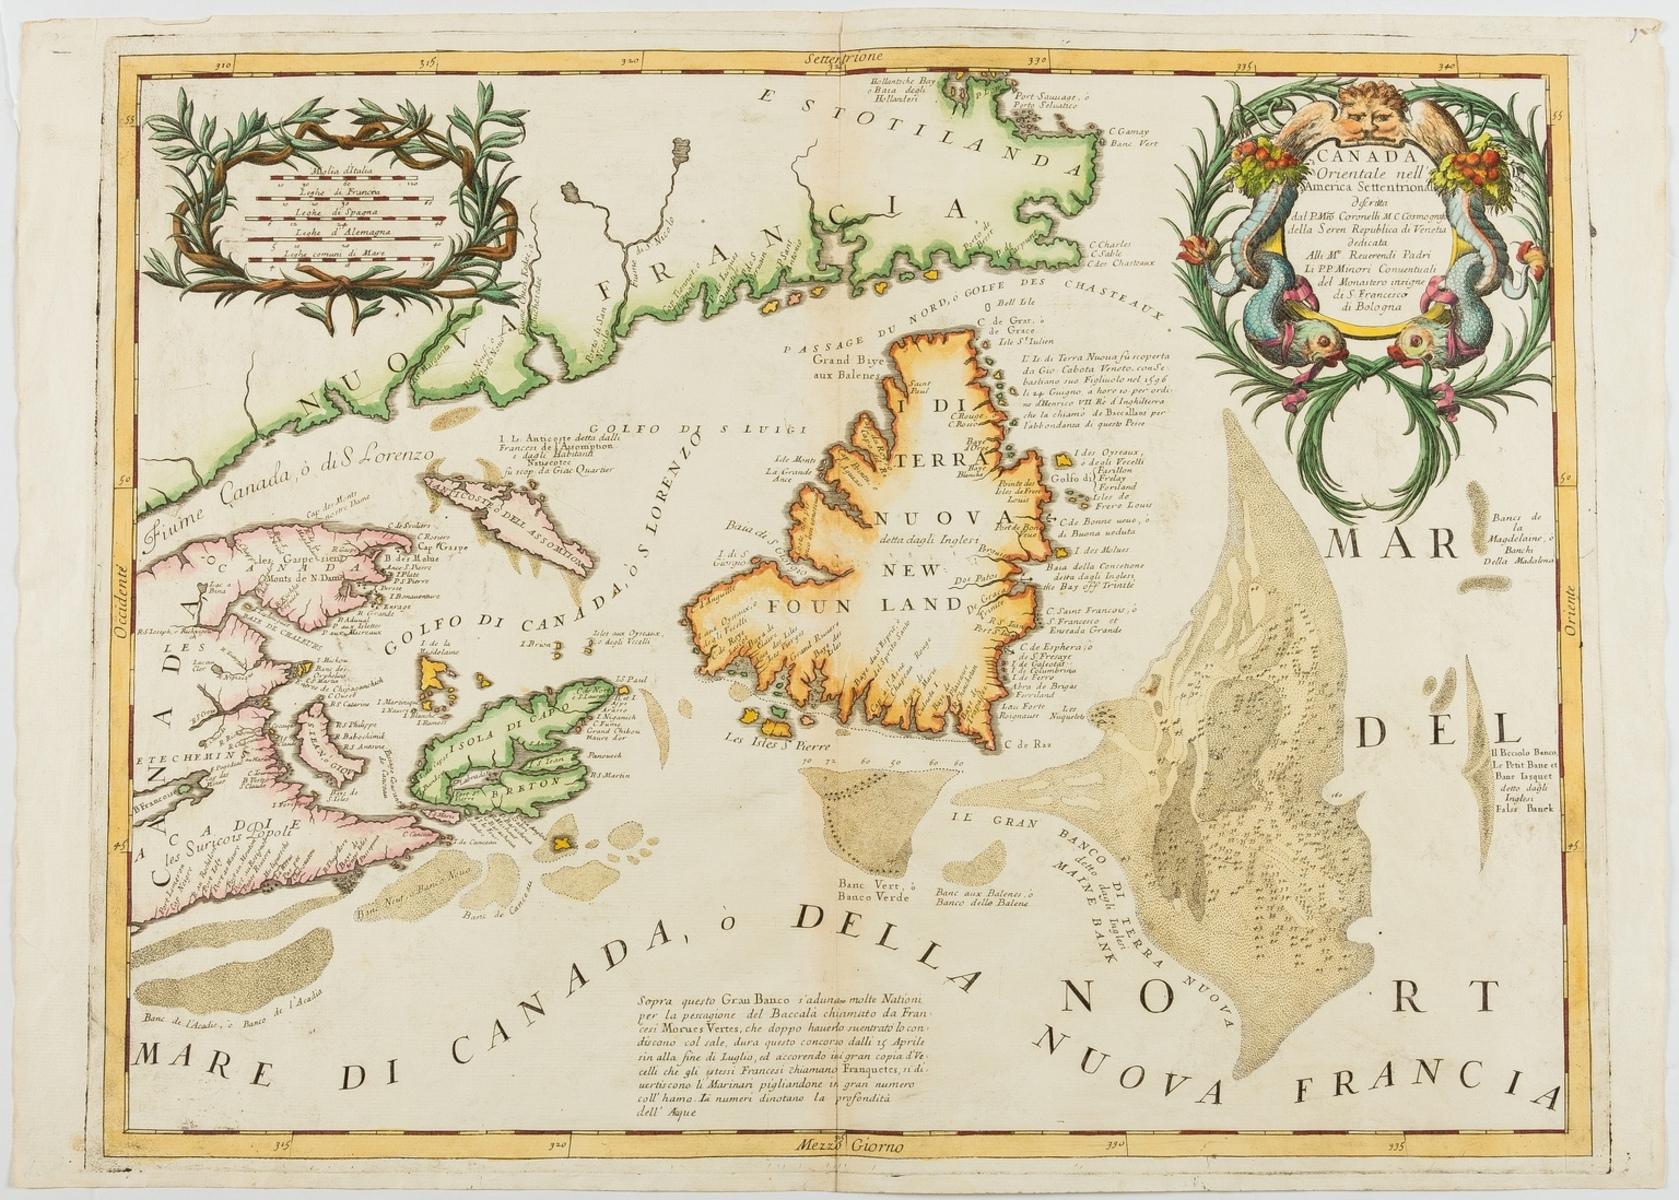 Canada.- Coronelli (Vincenzo Maria) Canada Orientale nell' America Settentrionale Descritta..., …